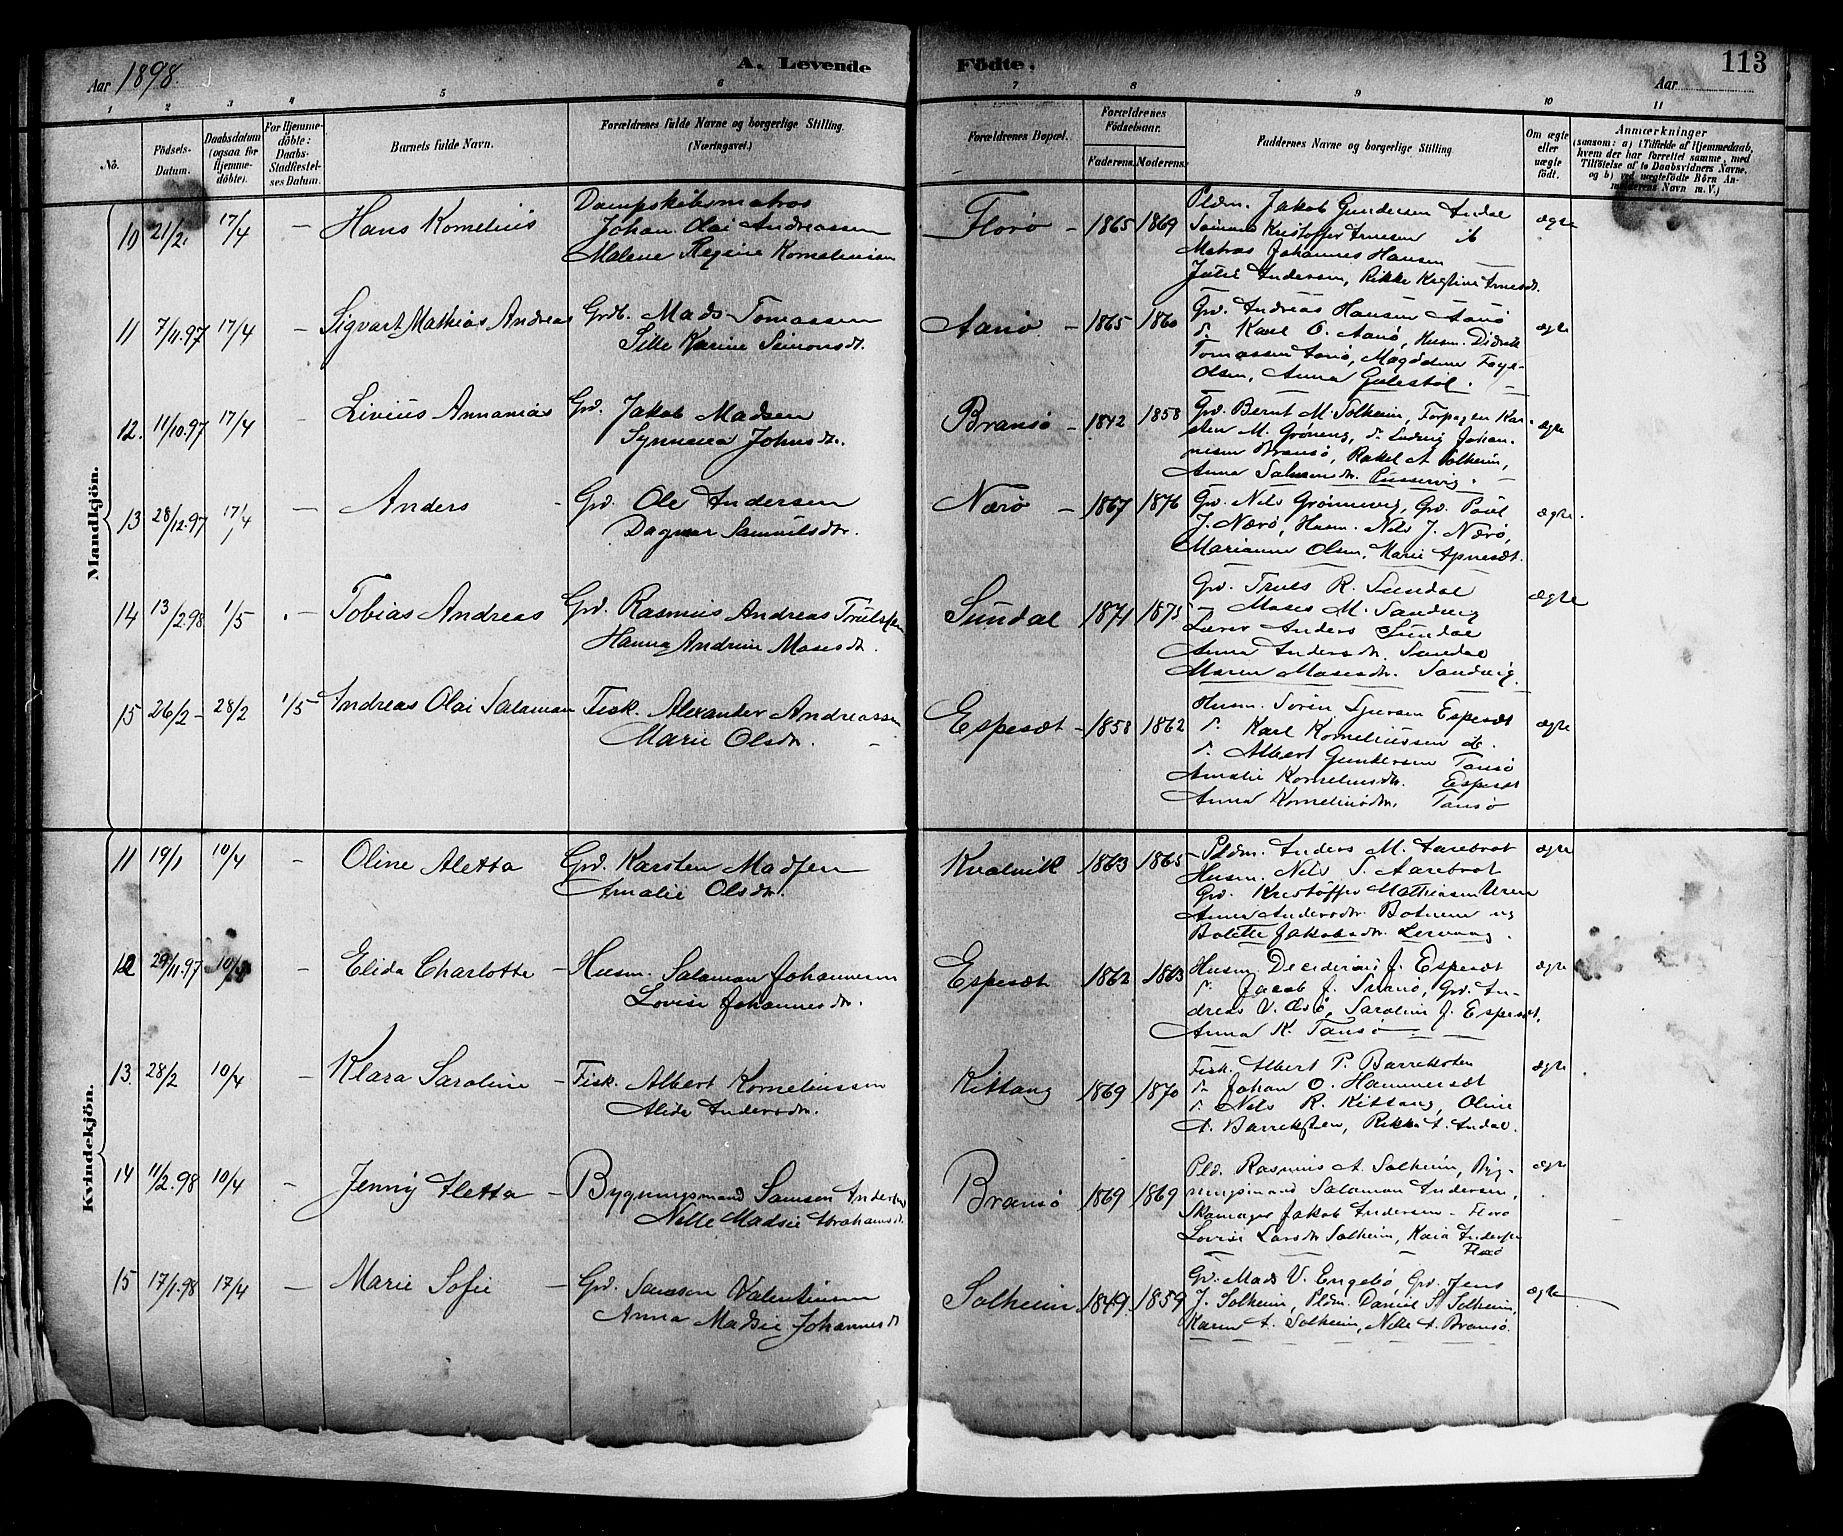 SAB, Kinn Sokneprestembete, Klokkerbok nr. A 2, 1882-1906, s. 113